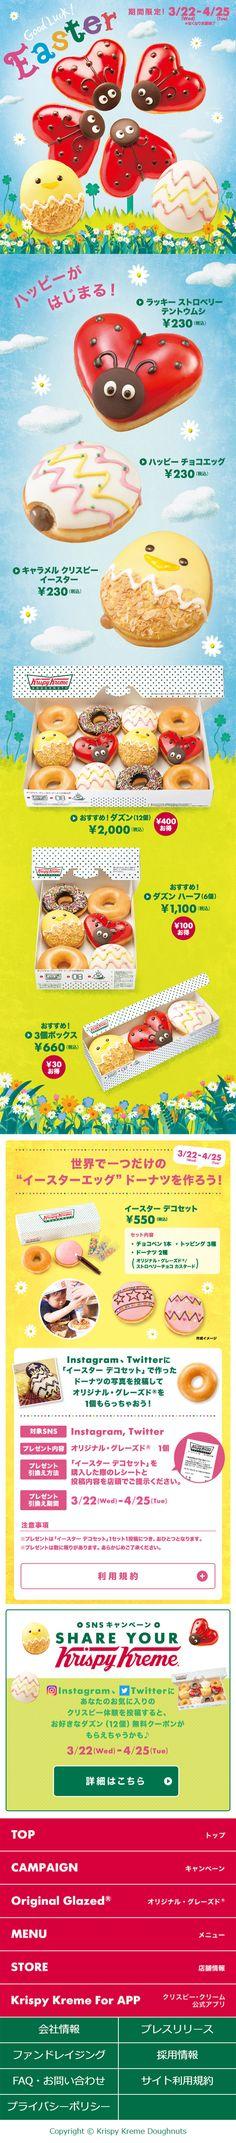 Good Luck! Easter【和菓子・洋菓子・スイーツ関連】のLPデザイン。WEBデザイナーさん必見!スマホランディングページのデザイン参考に(かわいい系)